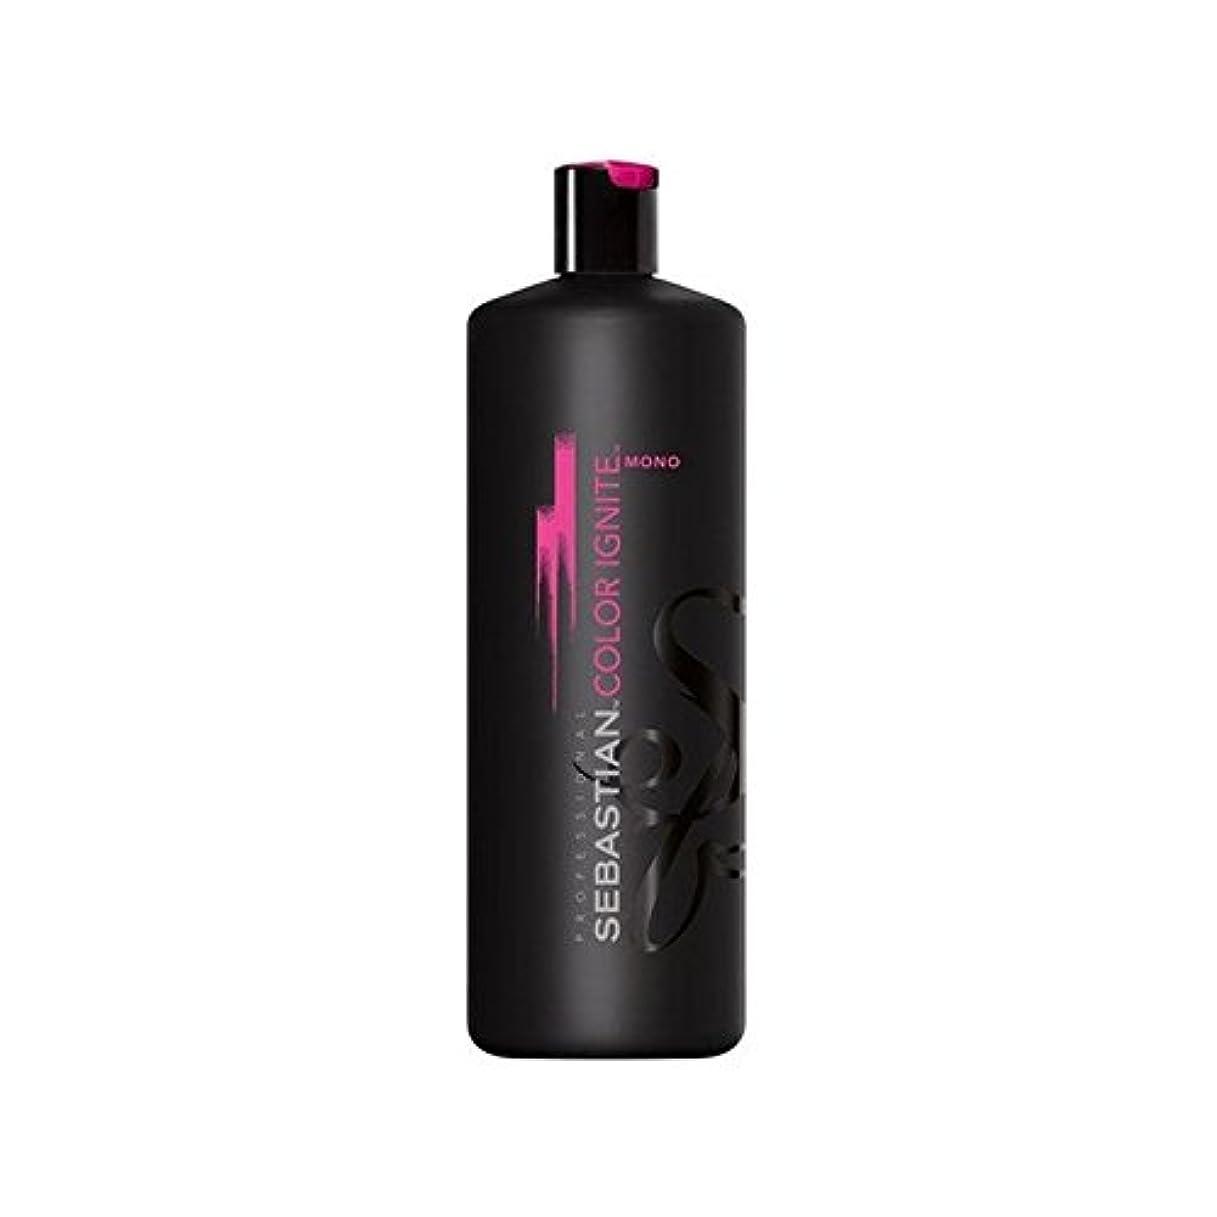 匹敵しますグロー振る舞いSebastian Professional Color Ignite Mono Shampoo (1000ml) - セバスチャンプロのカラーにモノシャンプー(千ミリリットル) [並行輸入品]